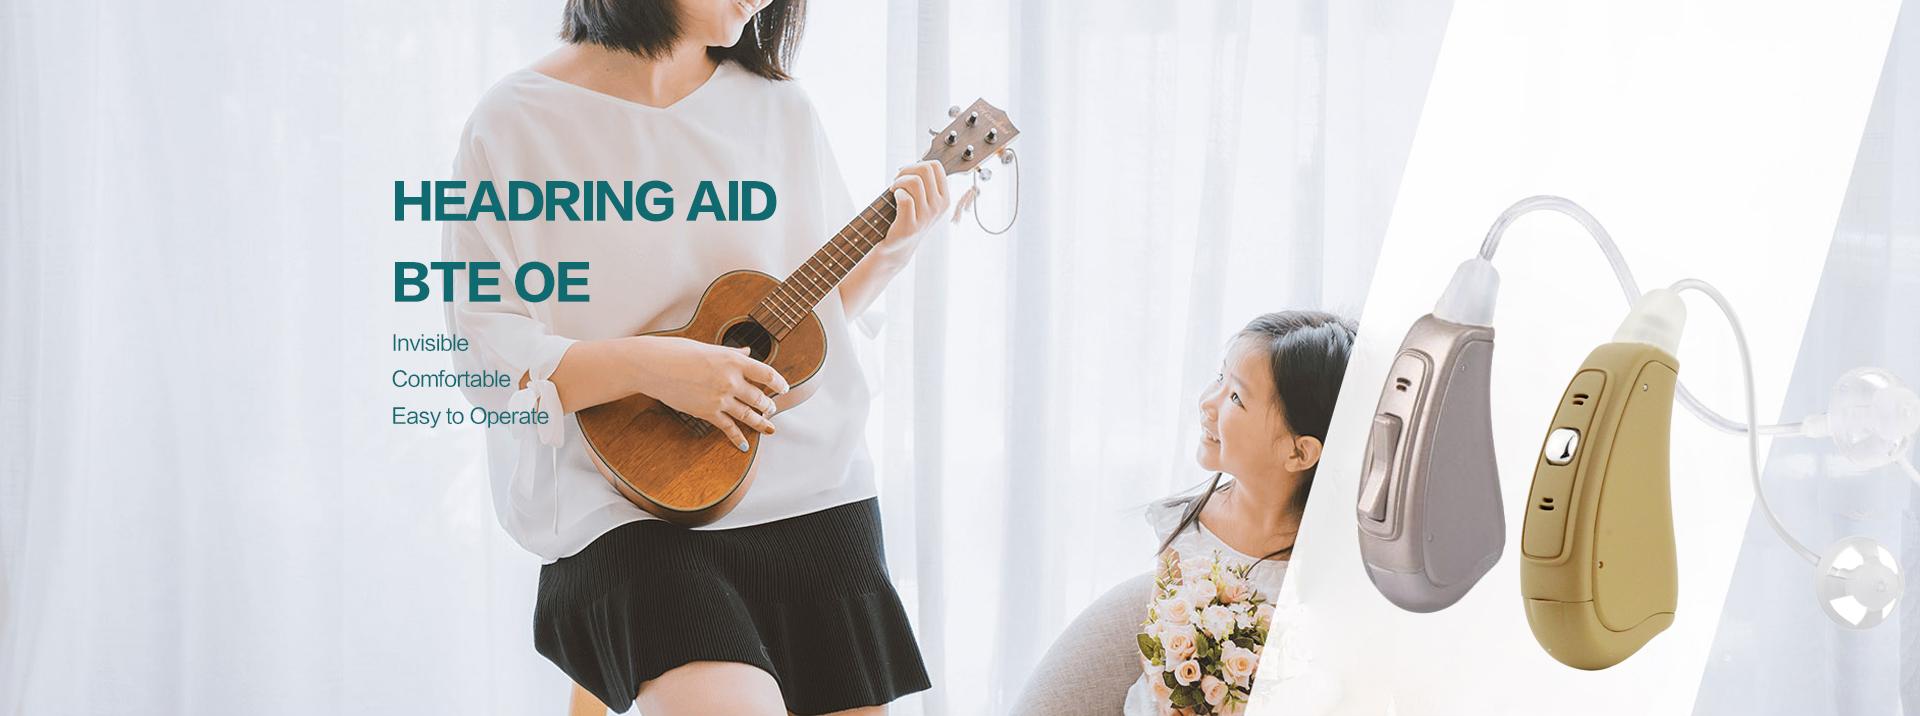 Hearing Aid BTE OE